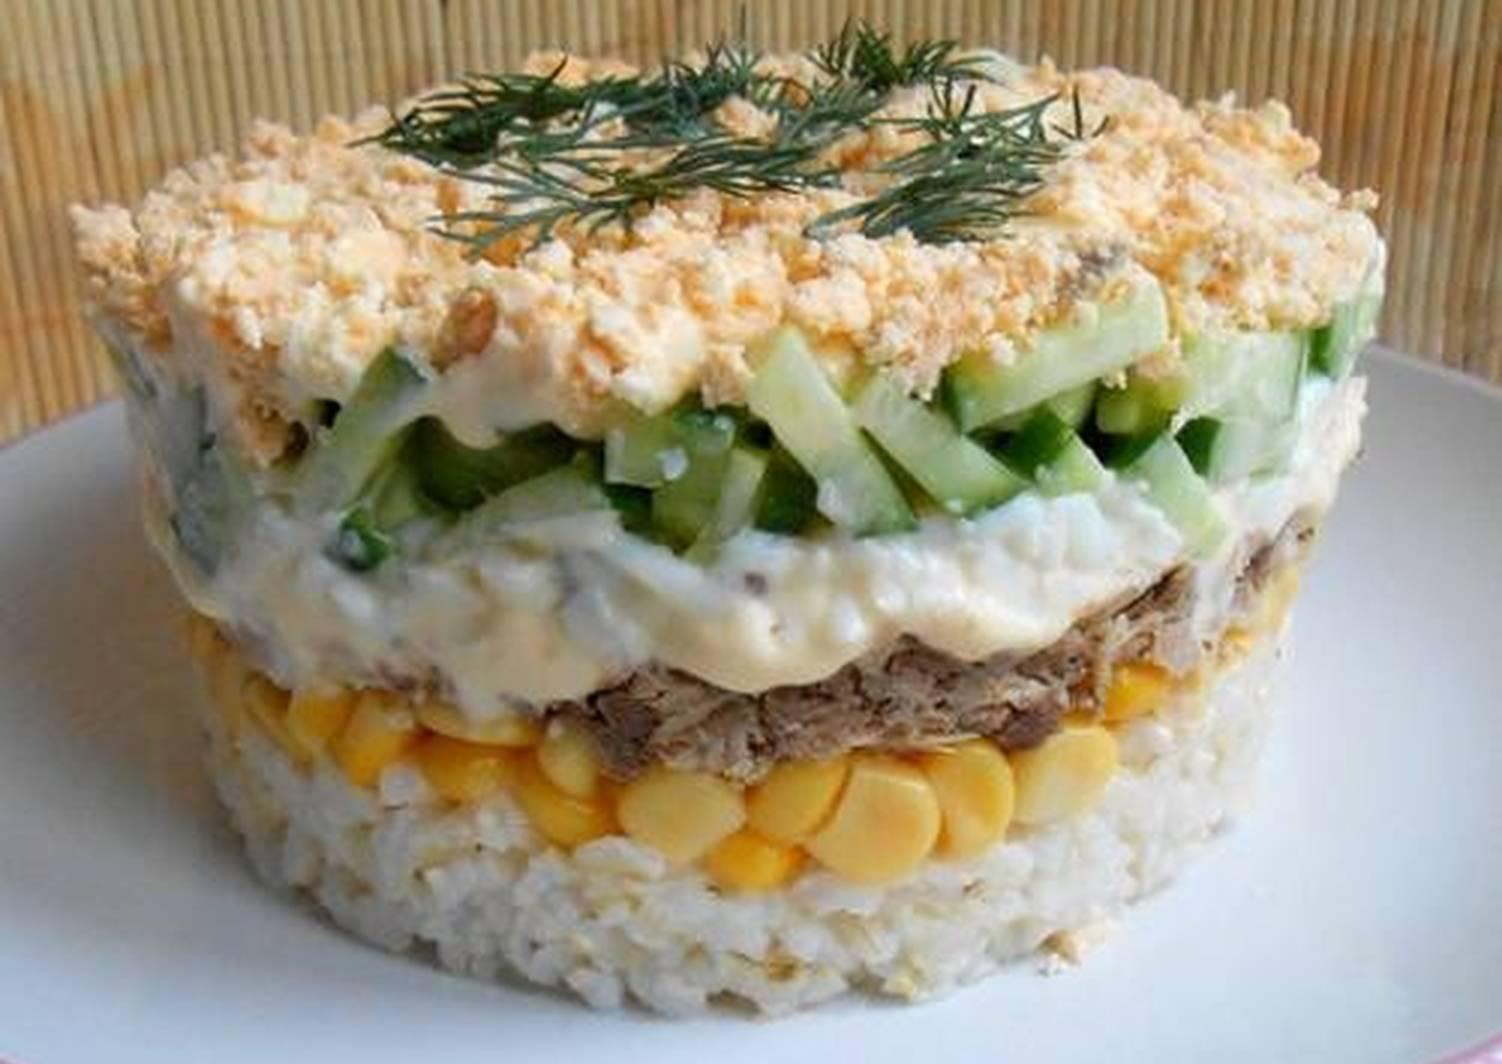 олки рецепты салатов слоями с фотографиями одной версий, название